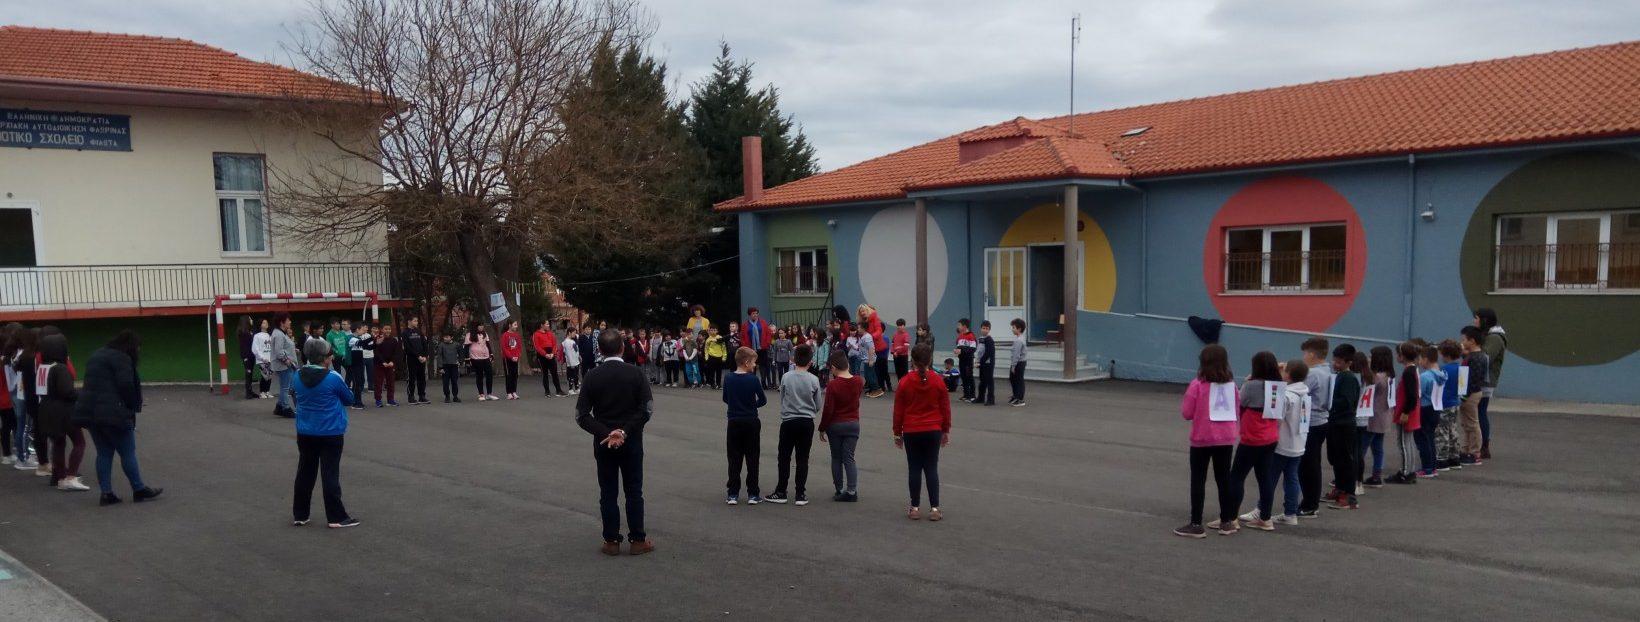 ΔΗΜΟΤΙΚΟ ΣΧΟΛΕΙΟ ΦΙΛΩΤΑ – Primary School of Filotas